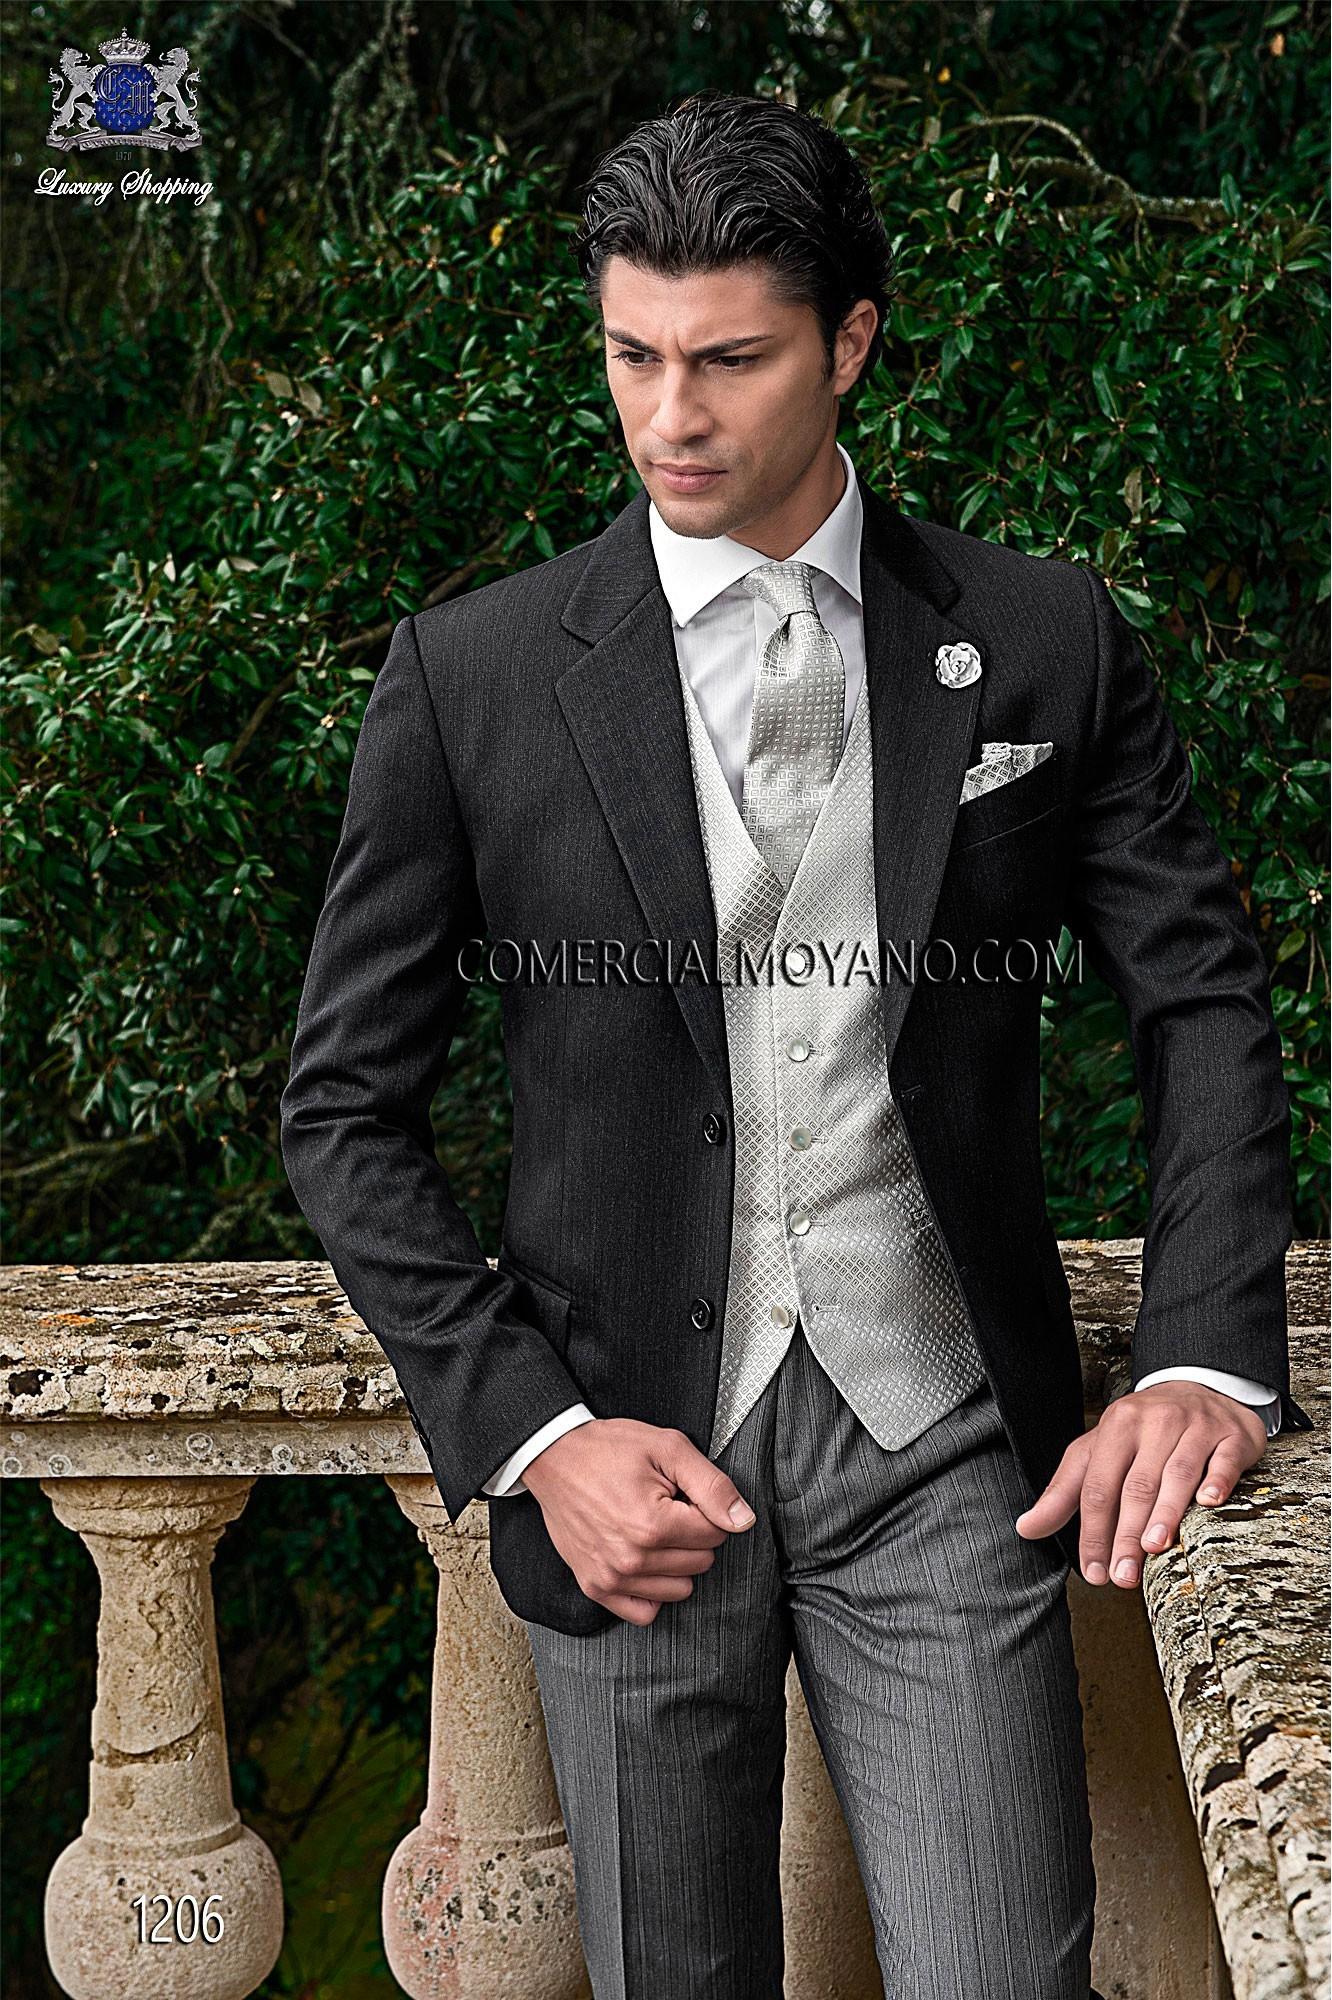 Traje de novio italiano gris modelo: 1206 Ottavio Nuccio Gala colección Gentleman 2017